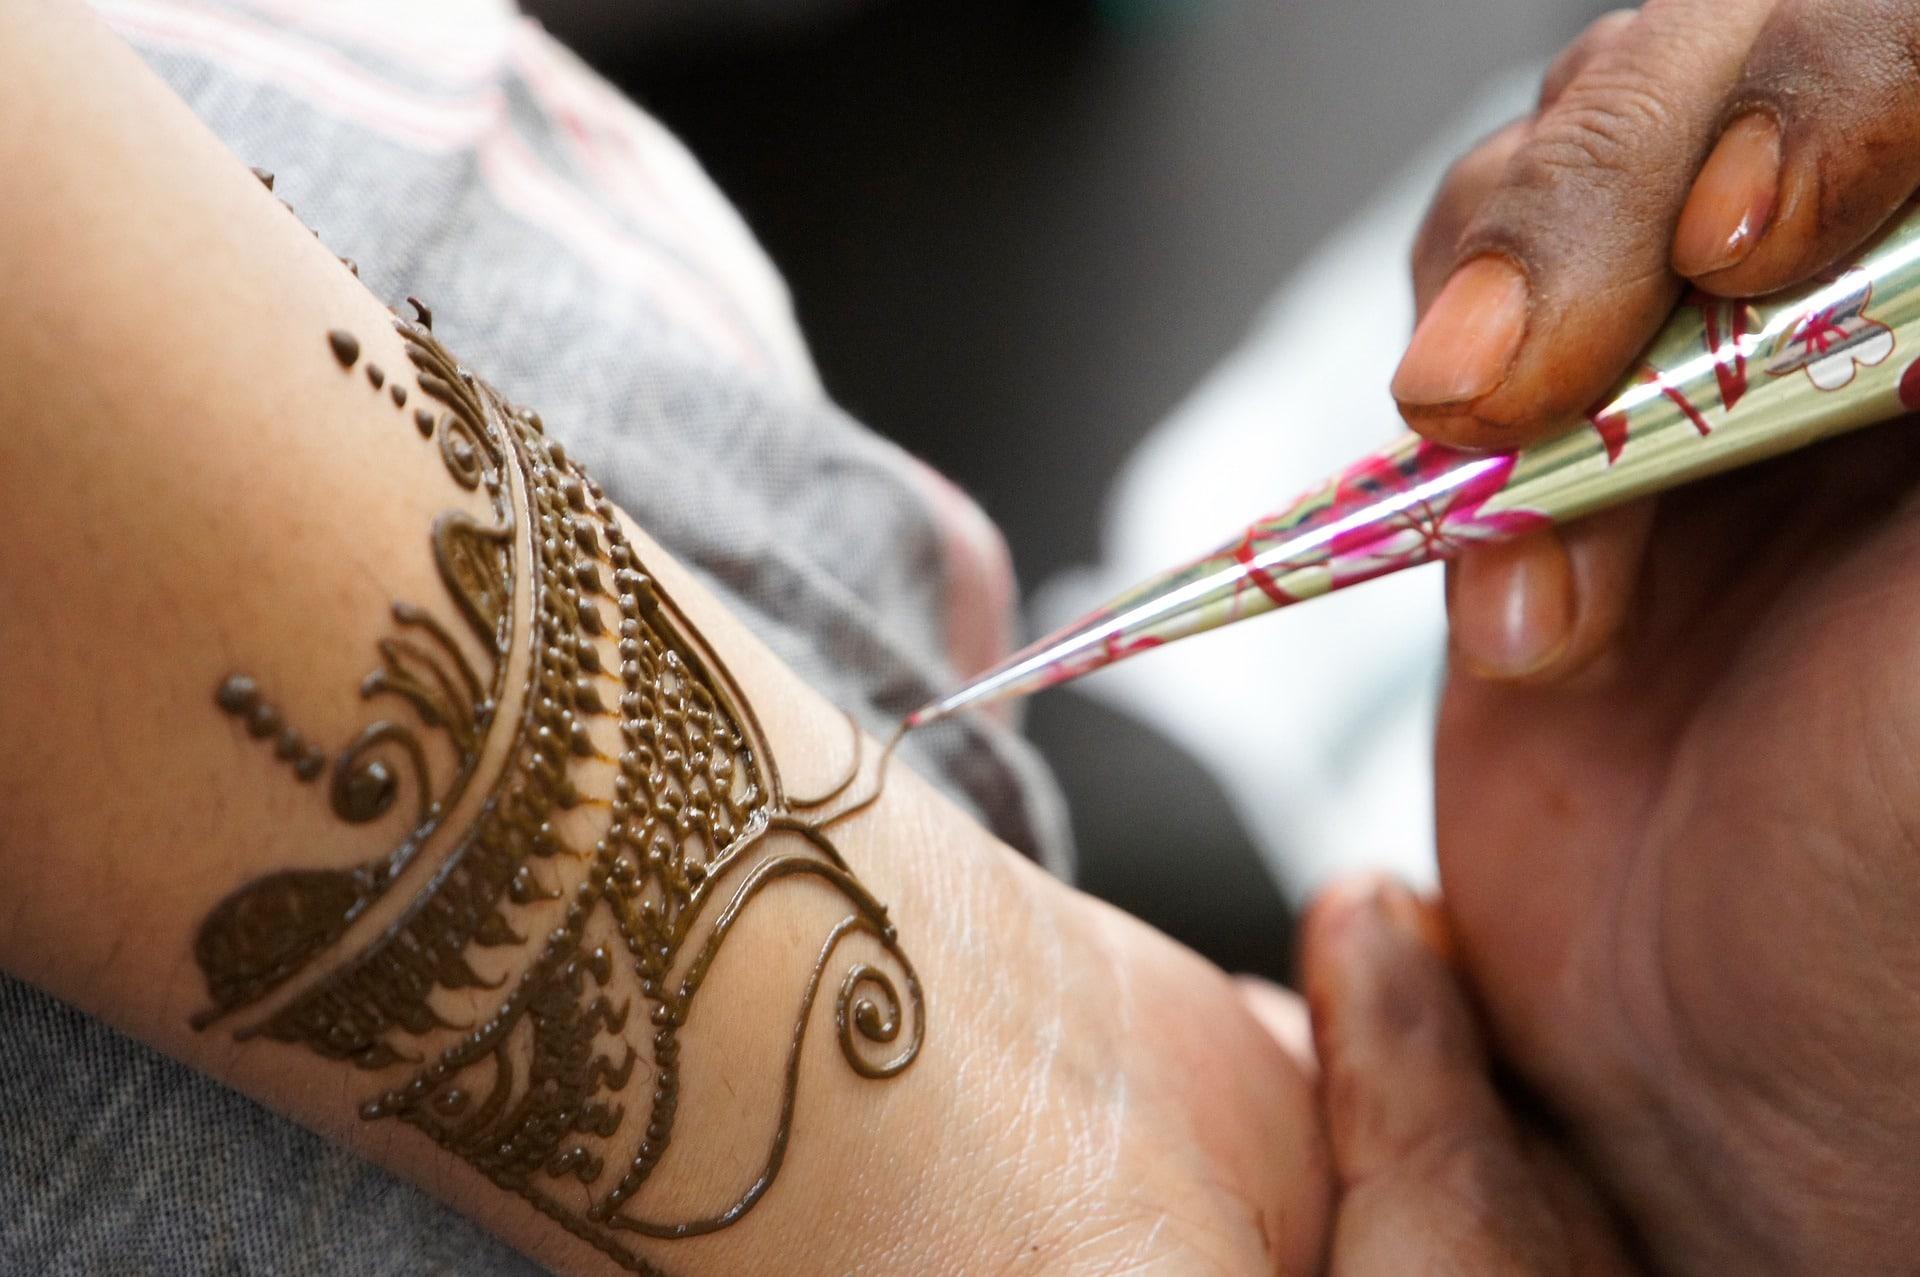 Henna Tattoo, getting a henna tattoo